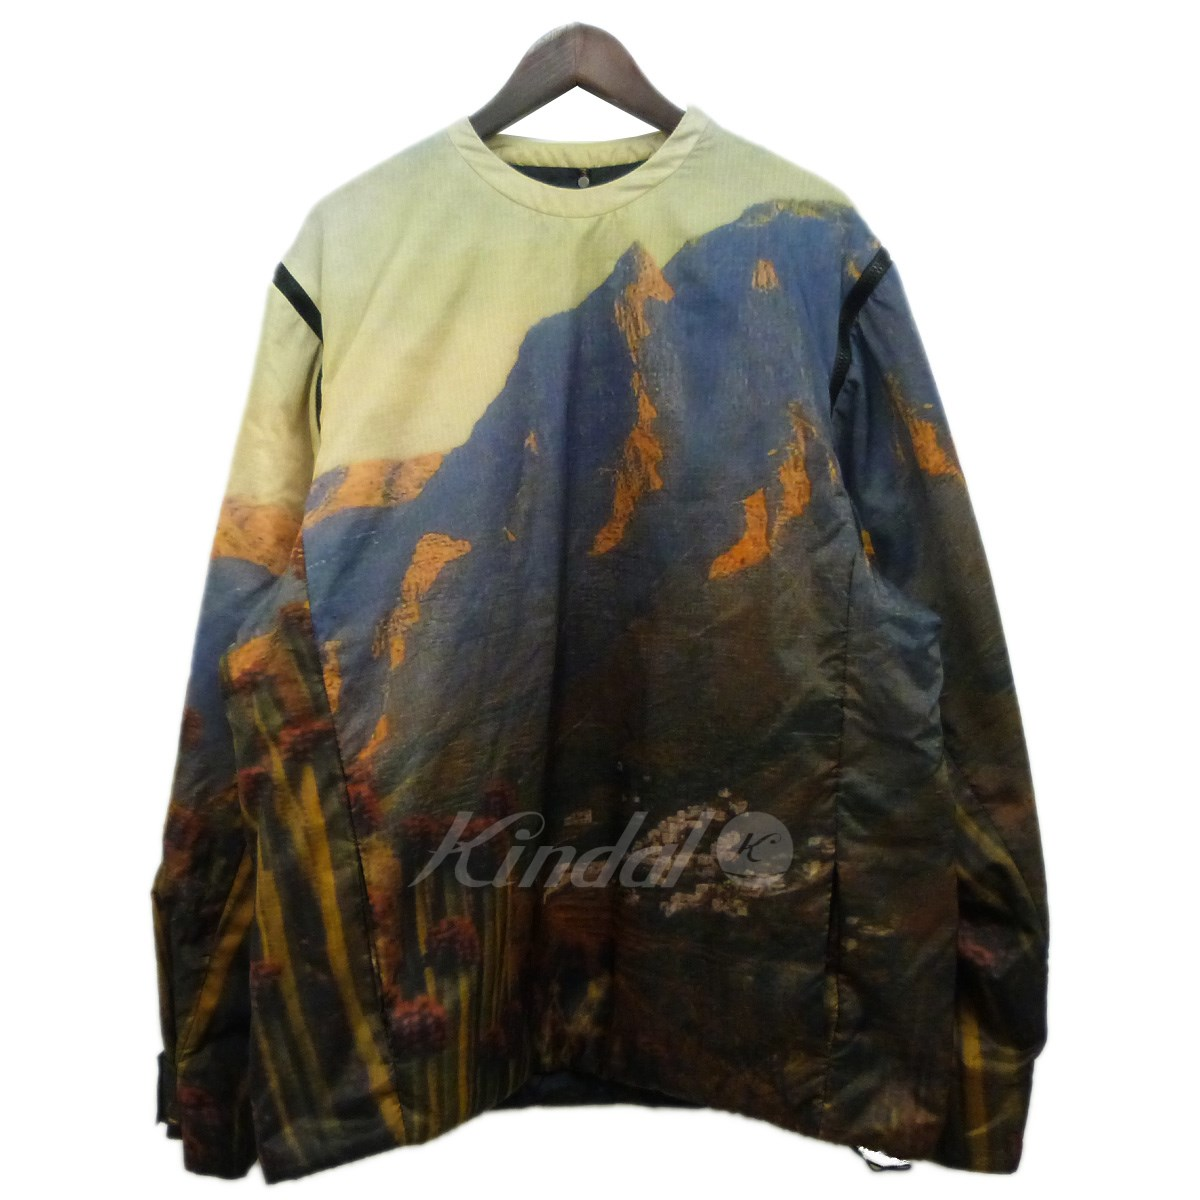 【中古】OAMC(OVER ALL MASTER CLOTH) 18AW転写プルオーバージャケット マルチカラー サイズ:S 【040520】(オーバーオールマスタークロス)